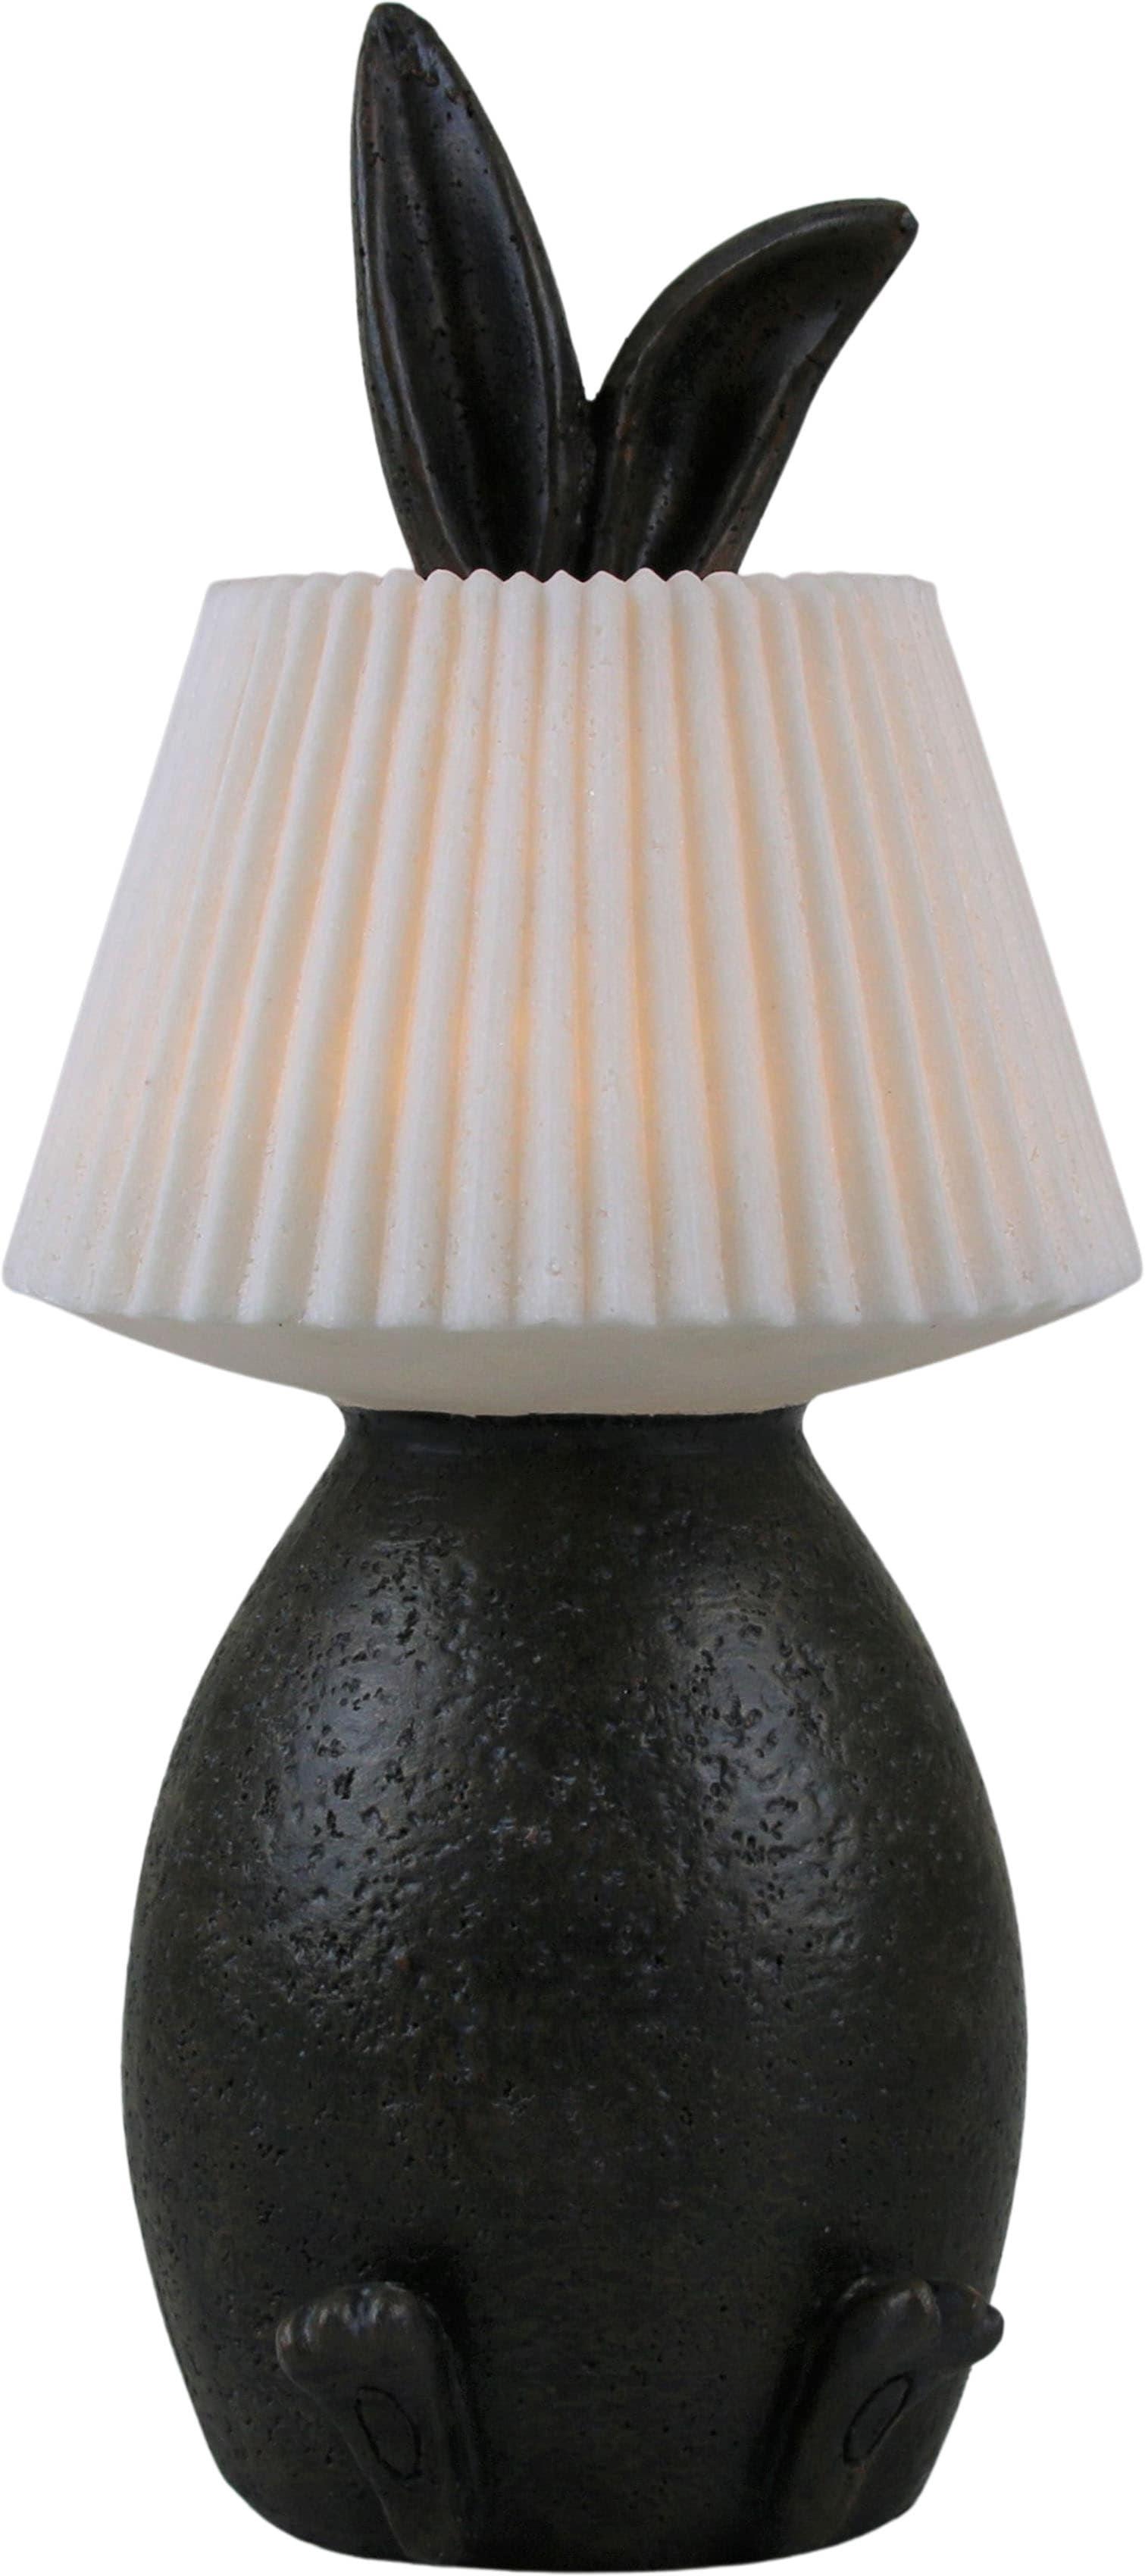 AM Design LED Tischleuchte Hase, LED-Modul, 1 St., Warmweiß, Dekolicht